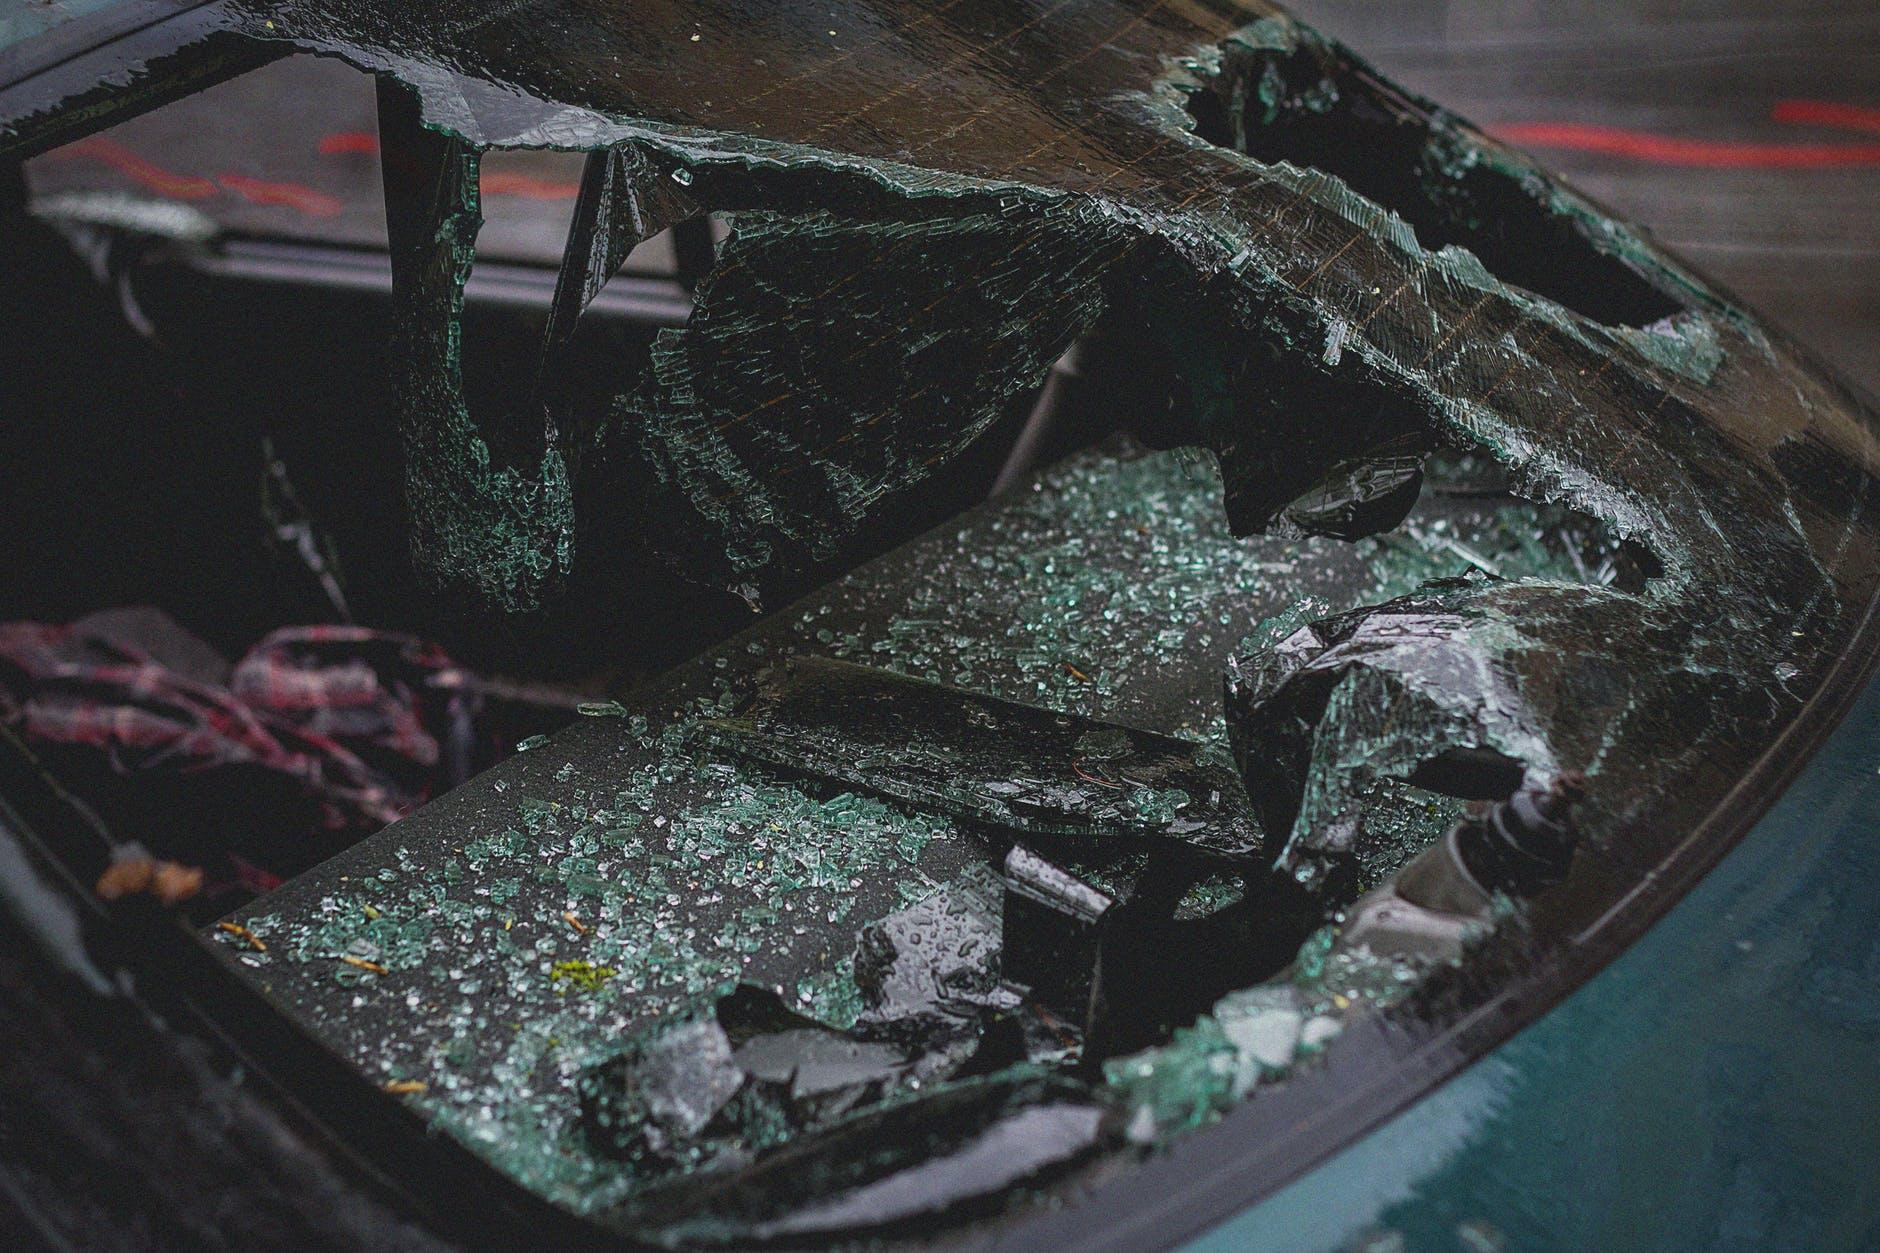 accidente de tráfico - diario juridico